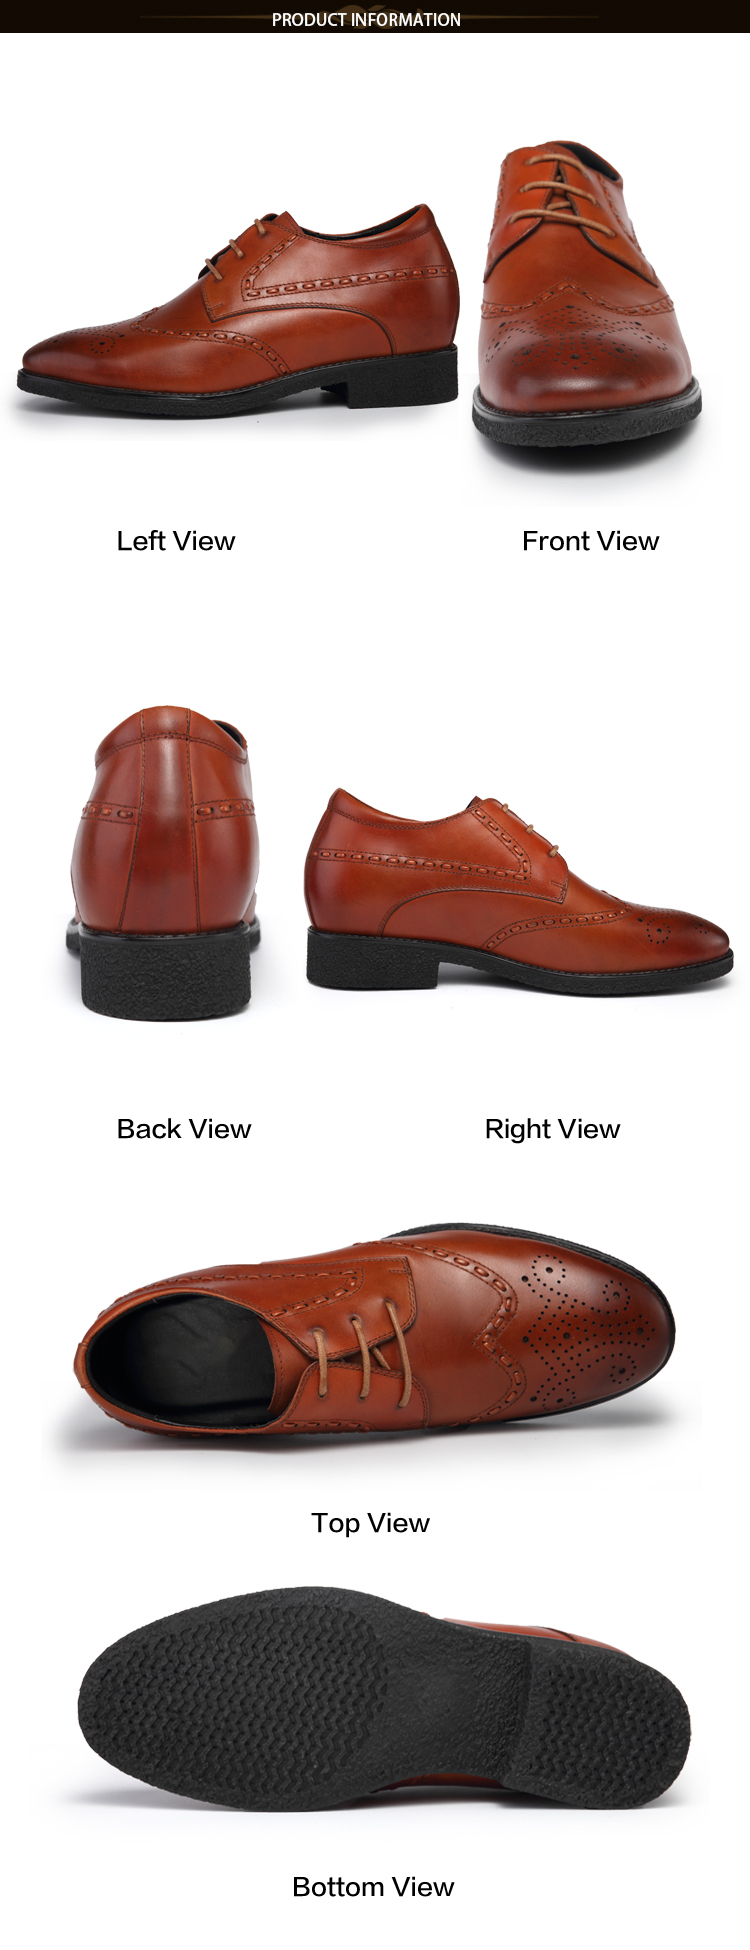 separation shoes ca79c 11475 Servizio Di Prezzi Scarpe In Pakistan Cuoio Vestito Scarpe Calzature Da  Uomo Formale In Pelle Scarpe Su Misura - Buy Scarpe Uomo Vestito Di ...